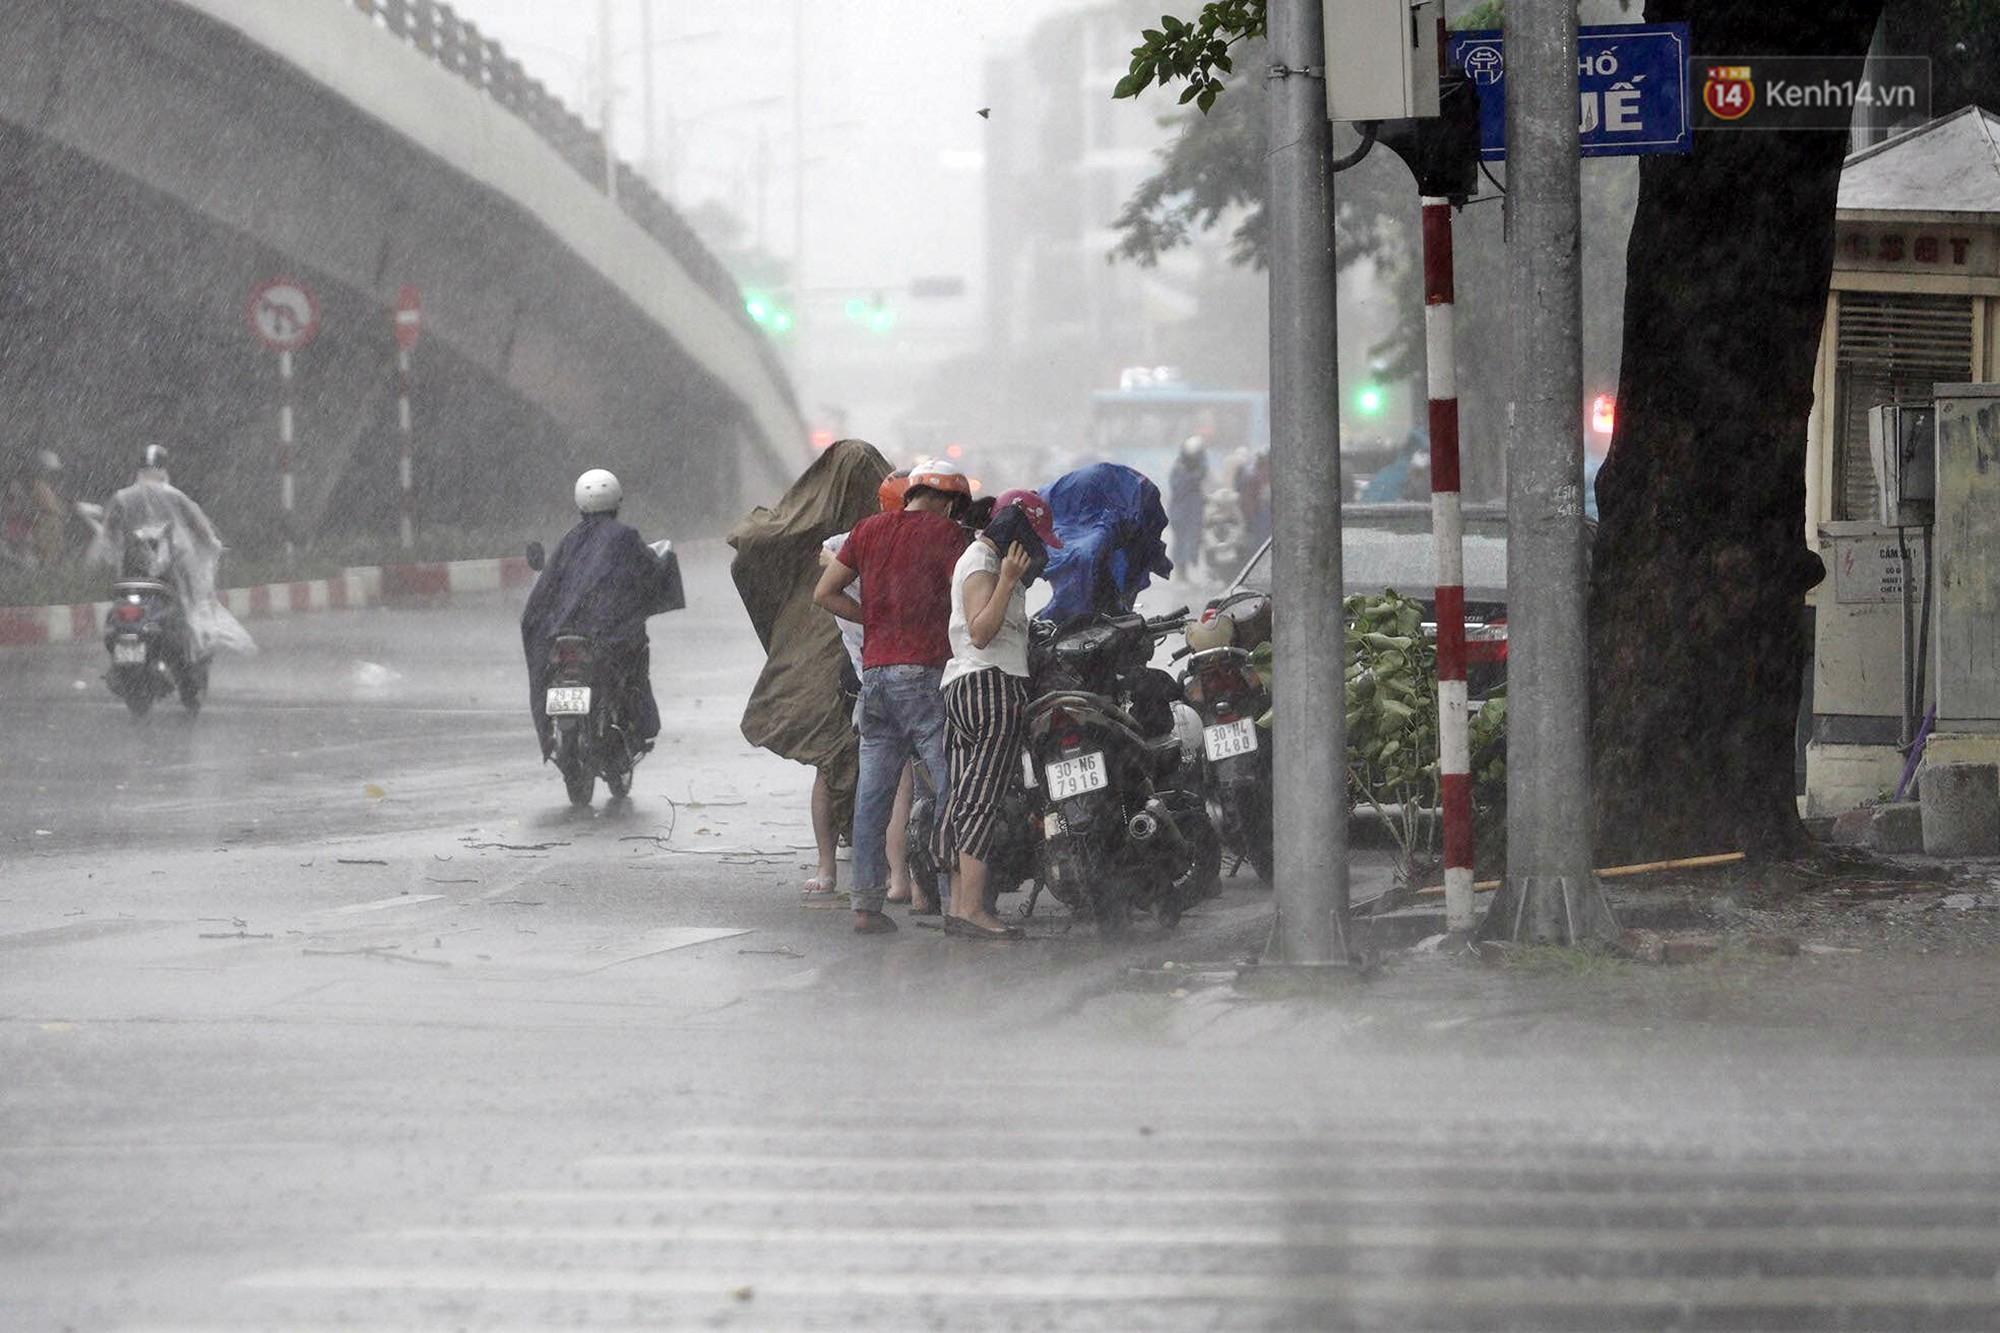 Ảnh hưởng bão số 2 khiến Hà Nội mưa trắng xoá, gió quật nghiêng người-15